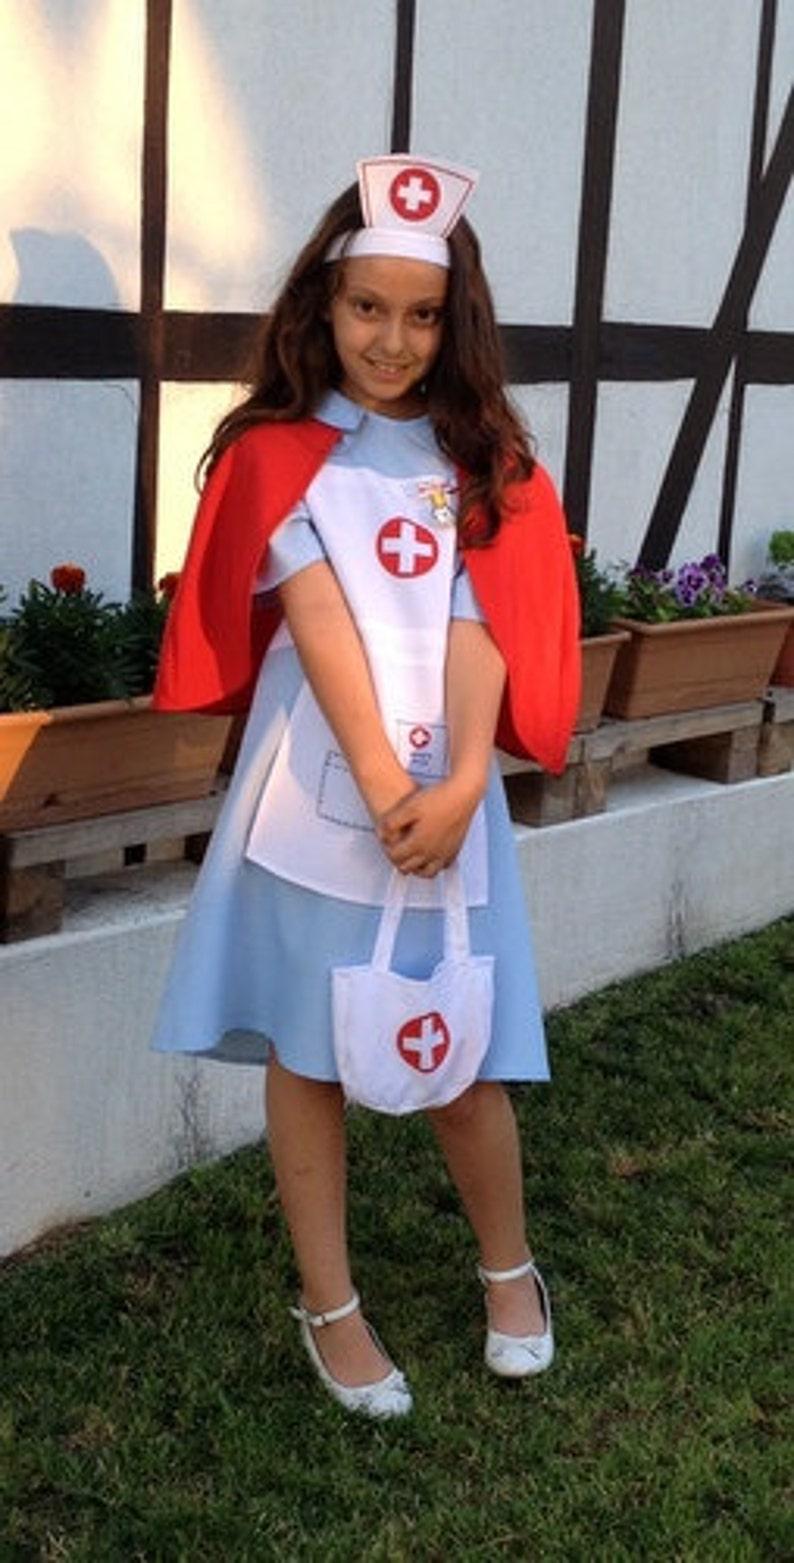 d1fc1a9e72f4e Nurse Costume Nurse Halloween Medical Nurse Dress Nurse | Etsy